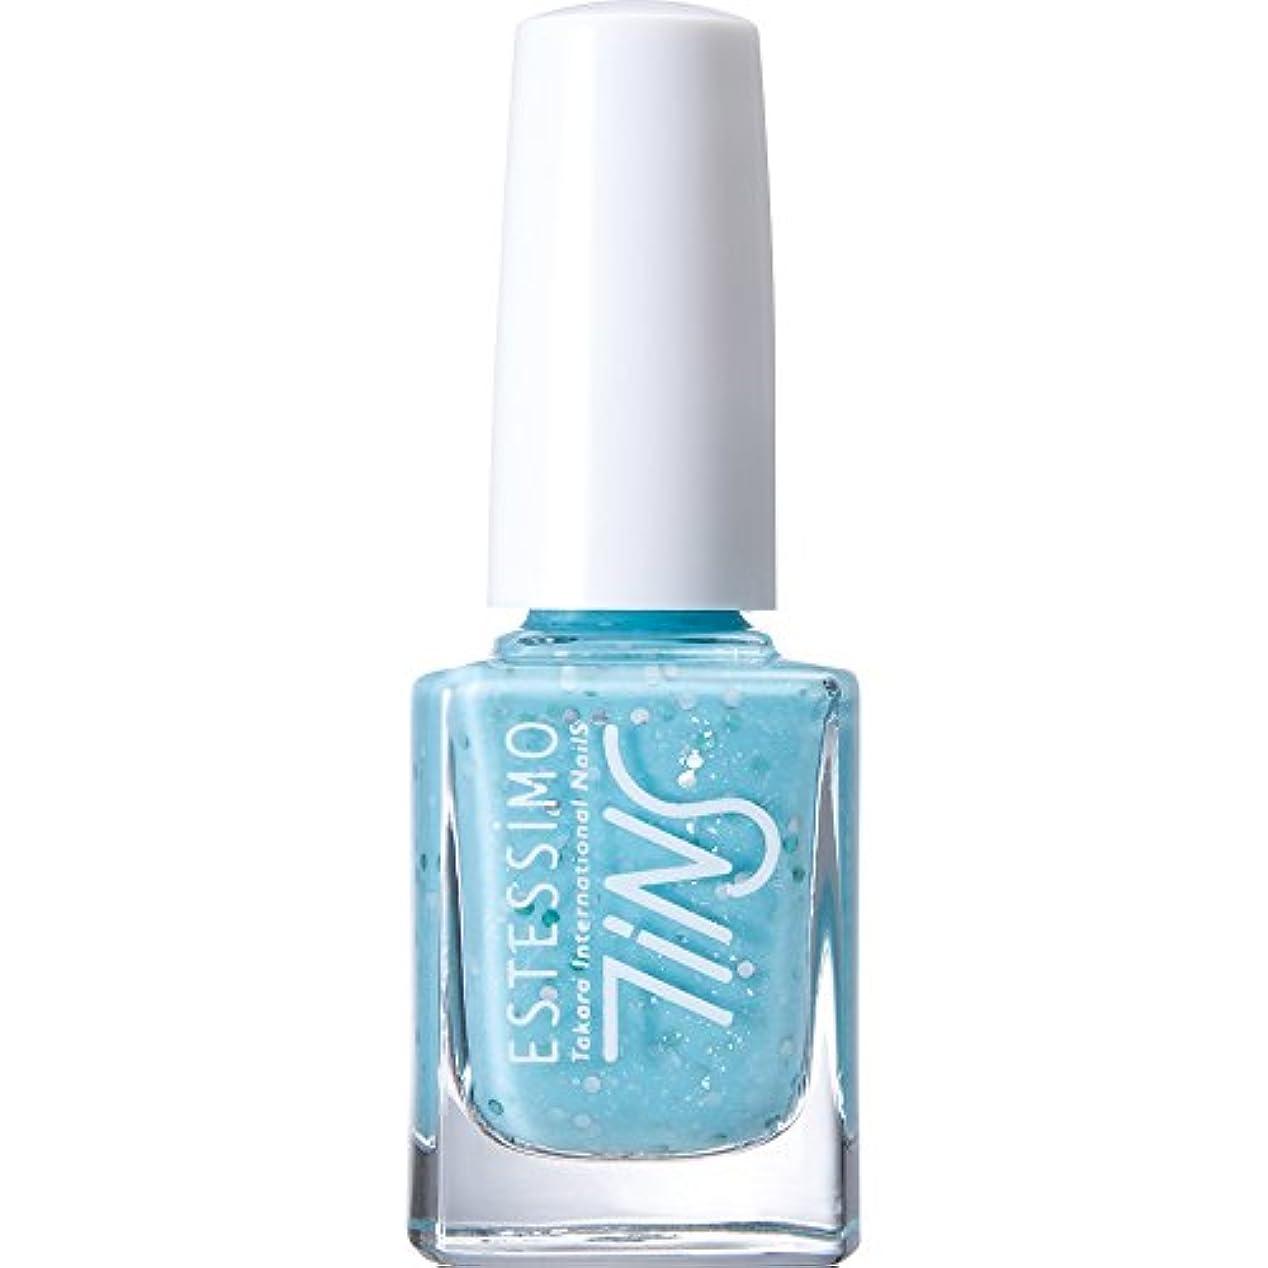 TiNS カラーポリッシュ 804 フィジーブルーパンチ 11ml 2015年春の限定色「Sugarsprinkles! 」シリーズ